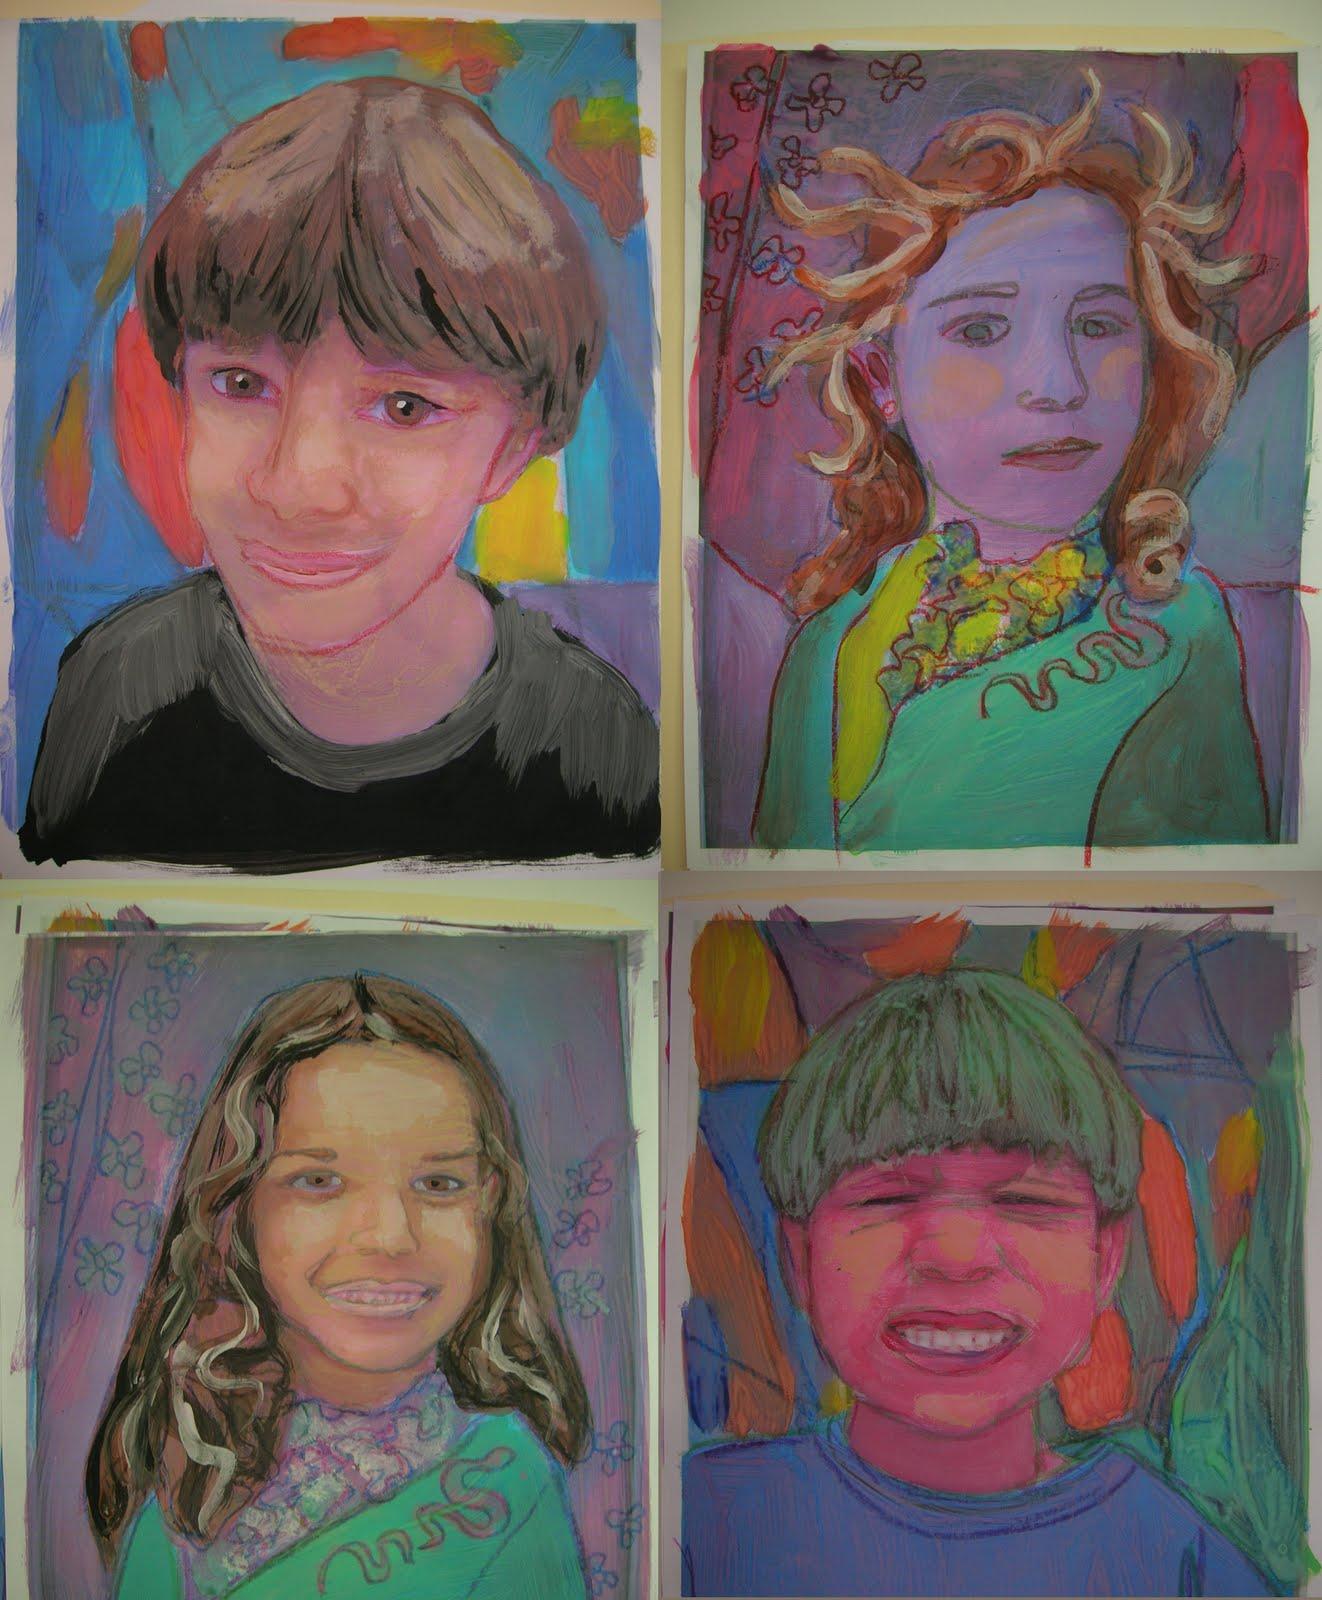 http://1.bp.blogspot.com/-CIWMQP8gJJA/TmquGd-gb_I/AAAAAAAAACA/RRxooUMJN1o/s1600/Four+Faces.jpg